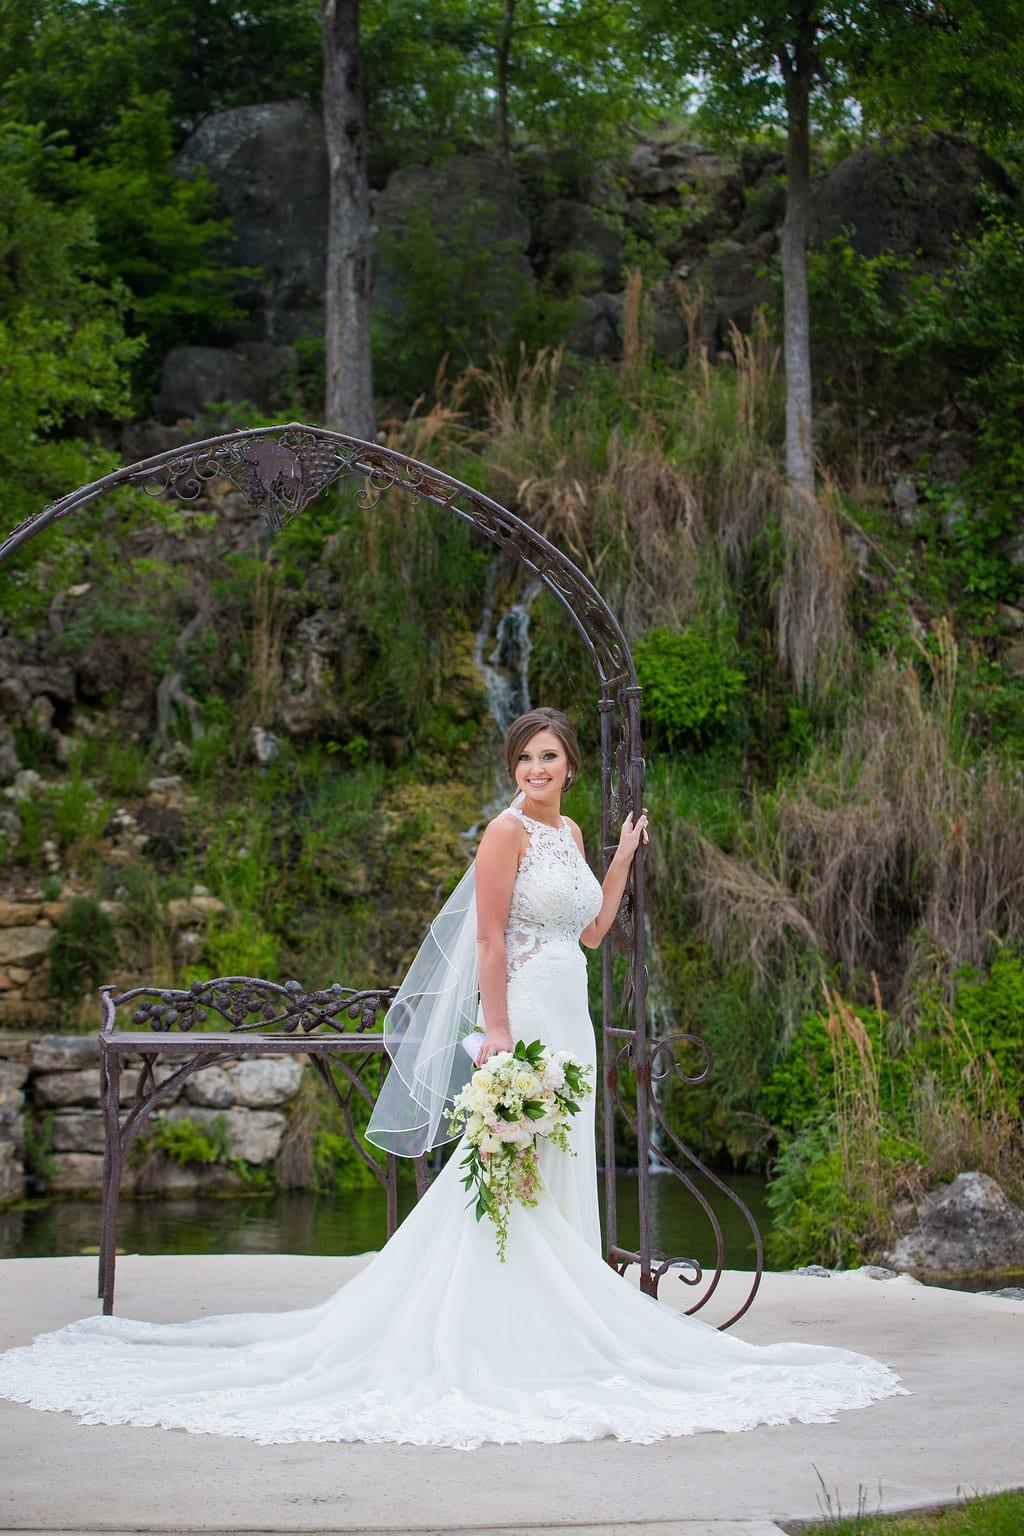 Samantha's Bridal Hidden Falls at the arch